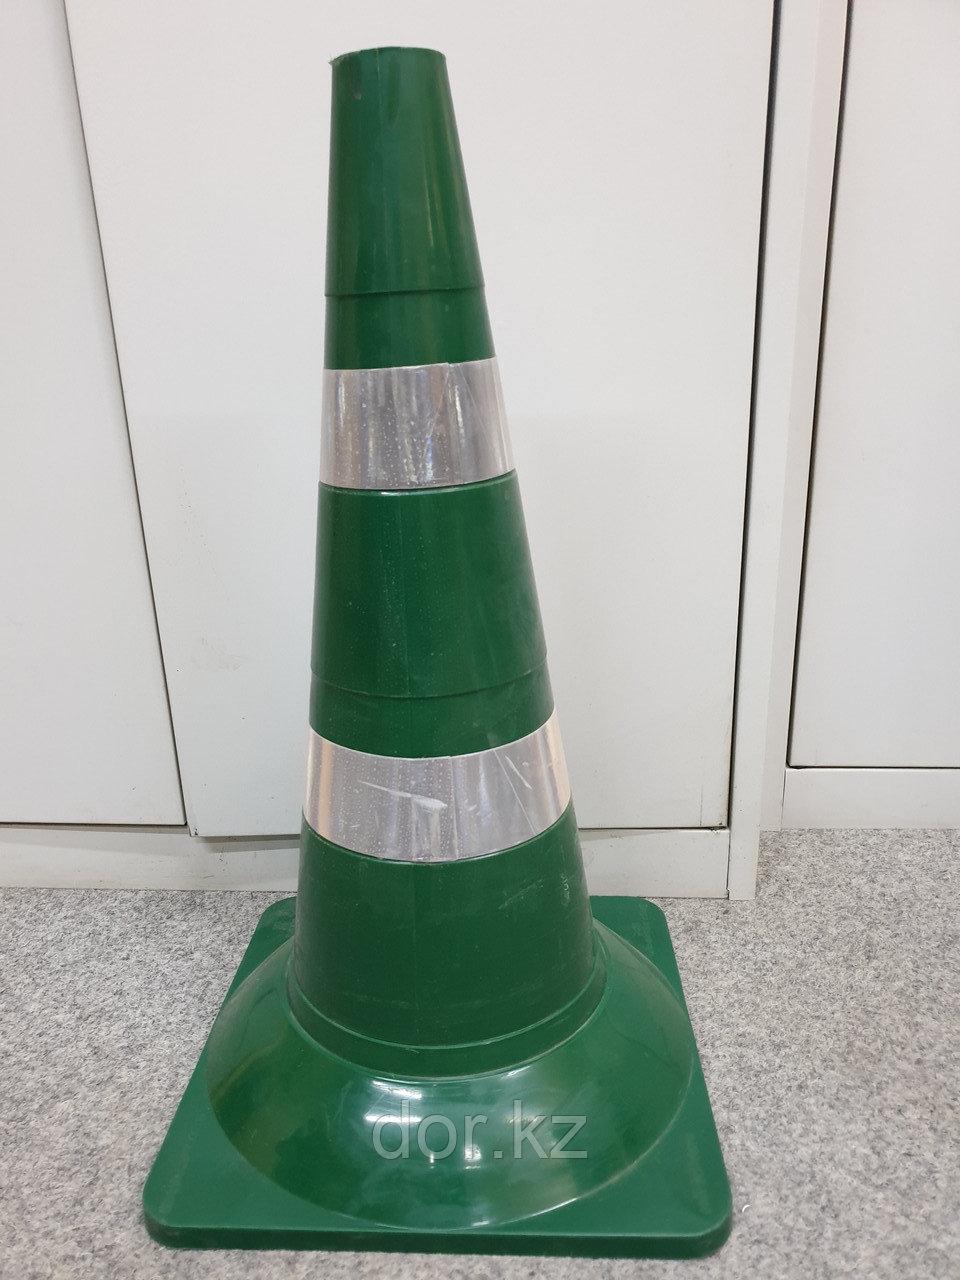 Конус резиновый дорожный  зеленый Конус для ограждения 520 мм  КС - 2.8 Конус дорожный мягкий 750 с утяжелением Резиновый конус синий 750 Казахстан